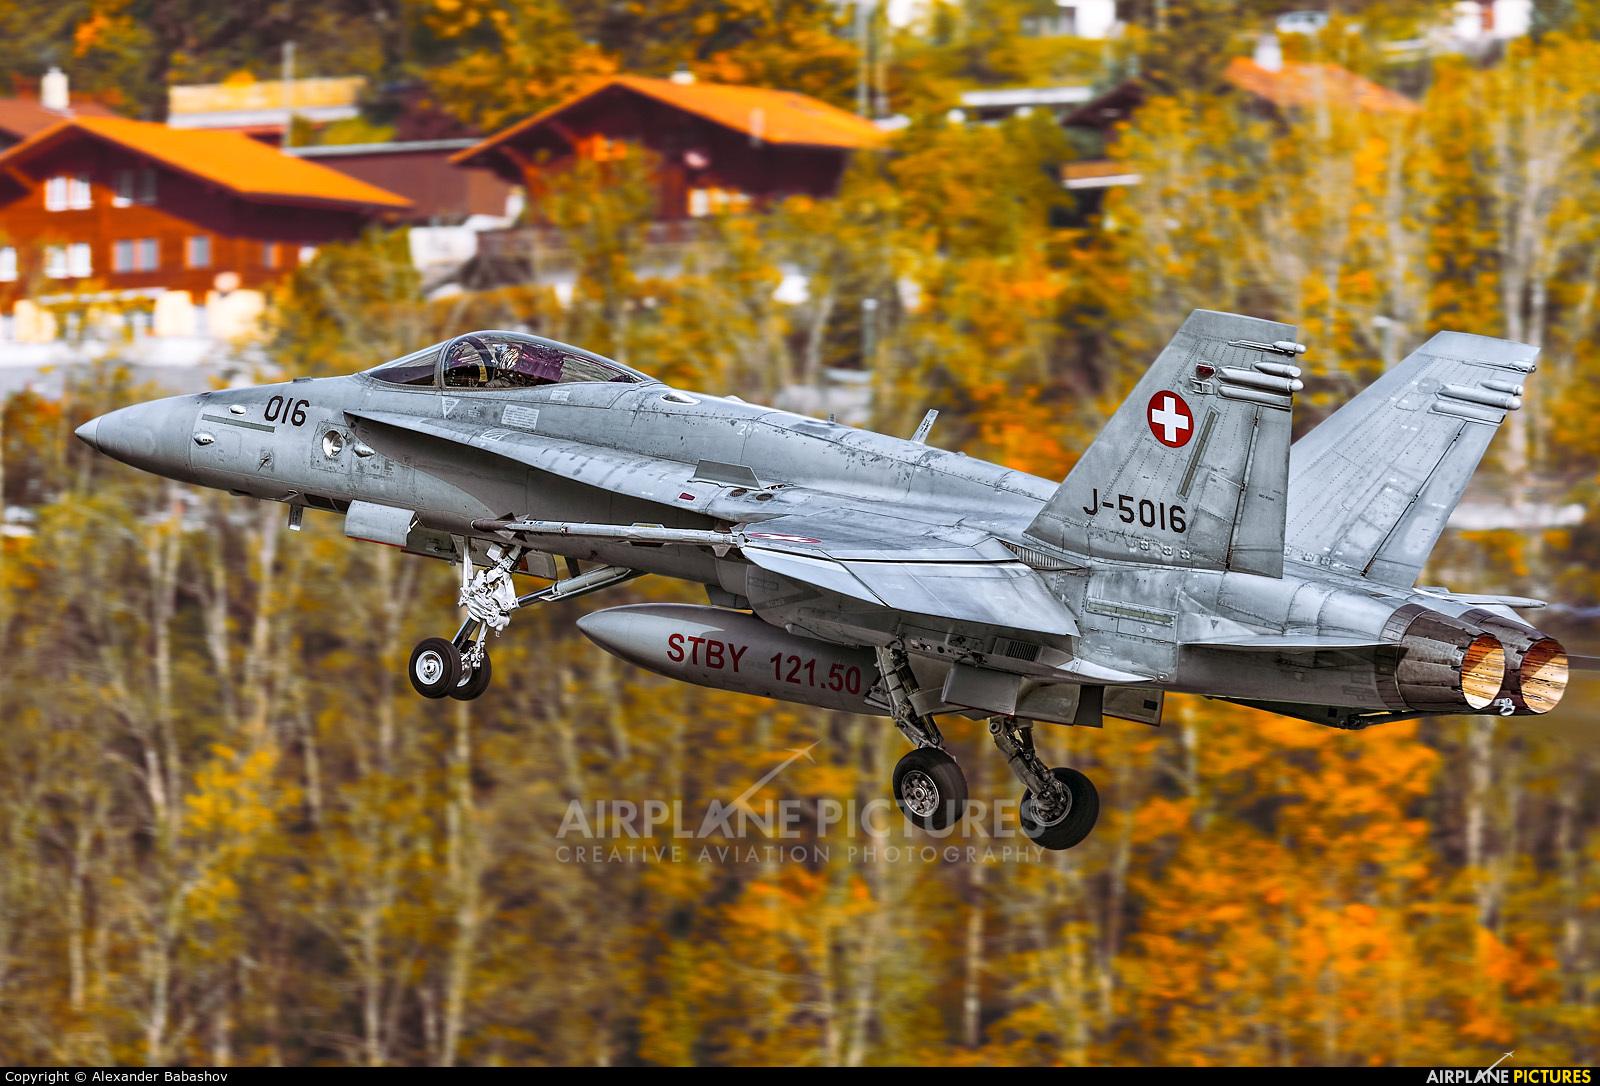 Switzerland - Air Force J-5016 aircraft at Meiringen